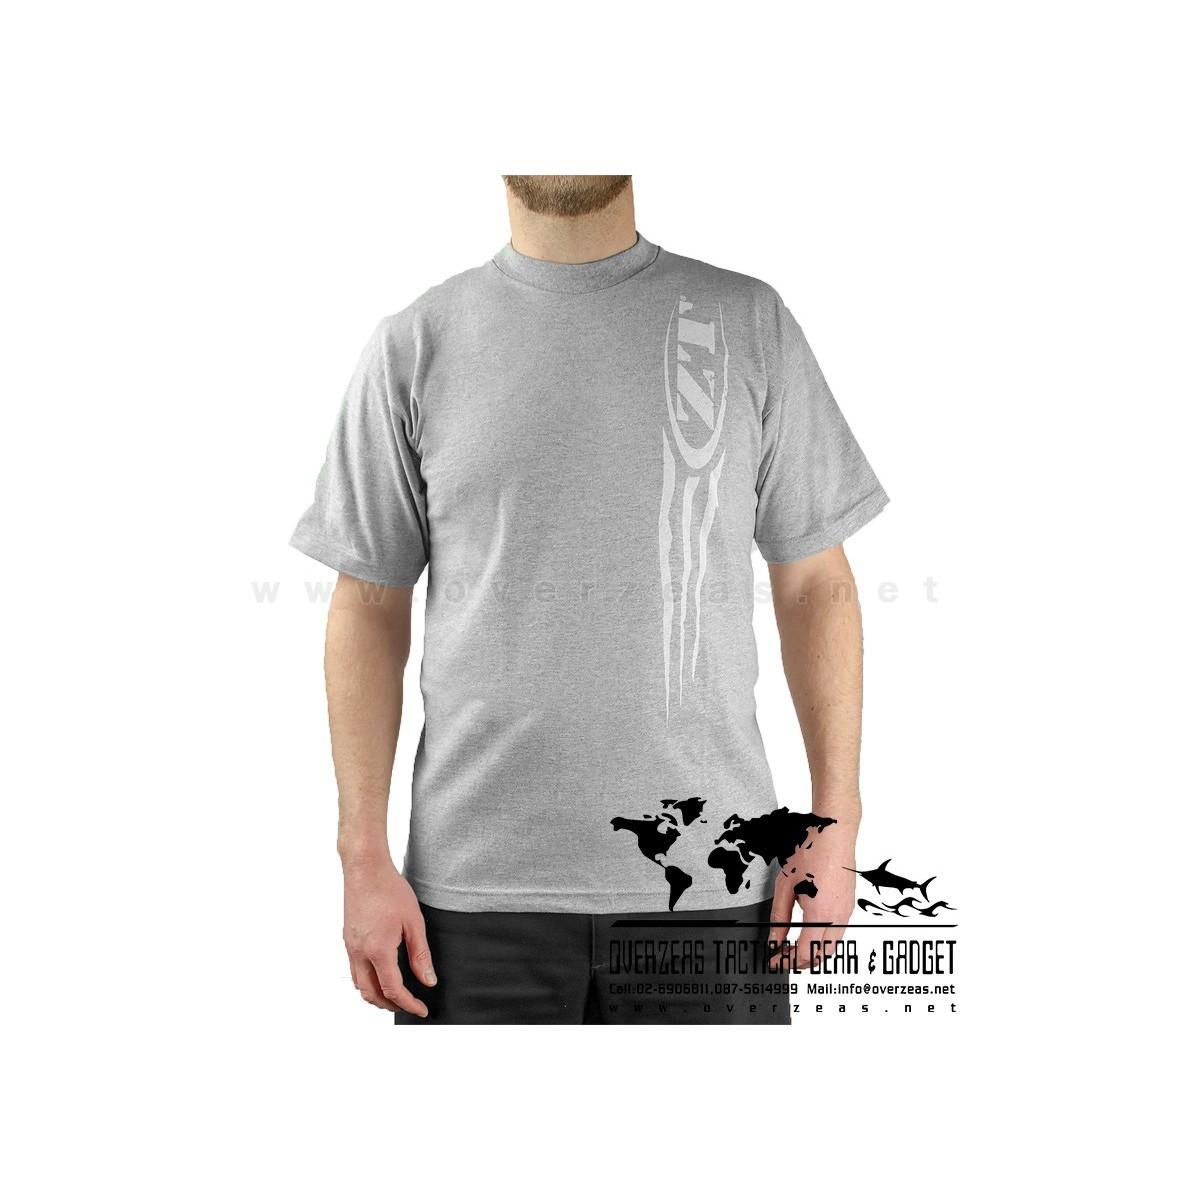 เสื้อยืด ZT Claw  (Zero Tolerance) 100% Cotton,Made in USA, ไซส์ M